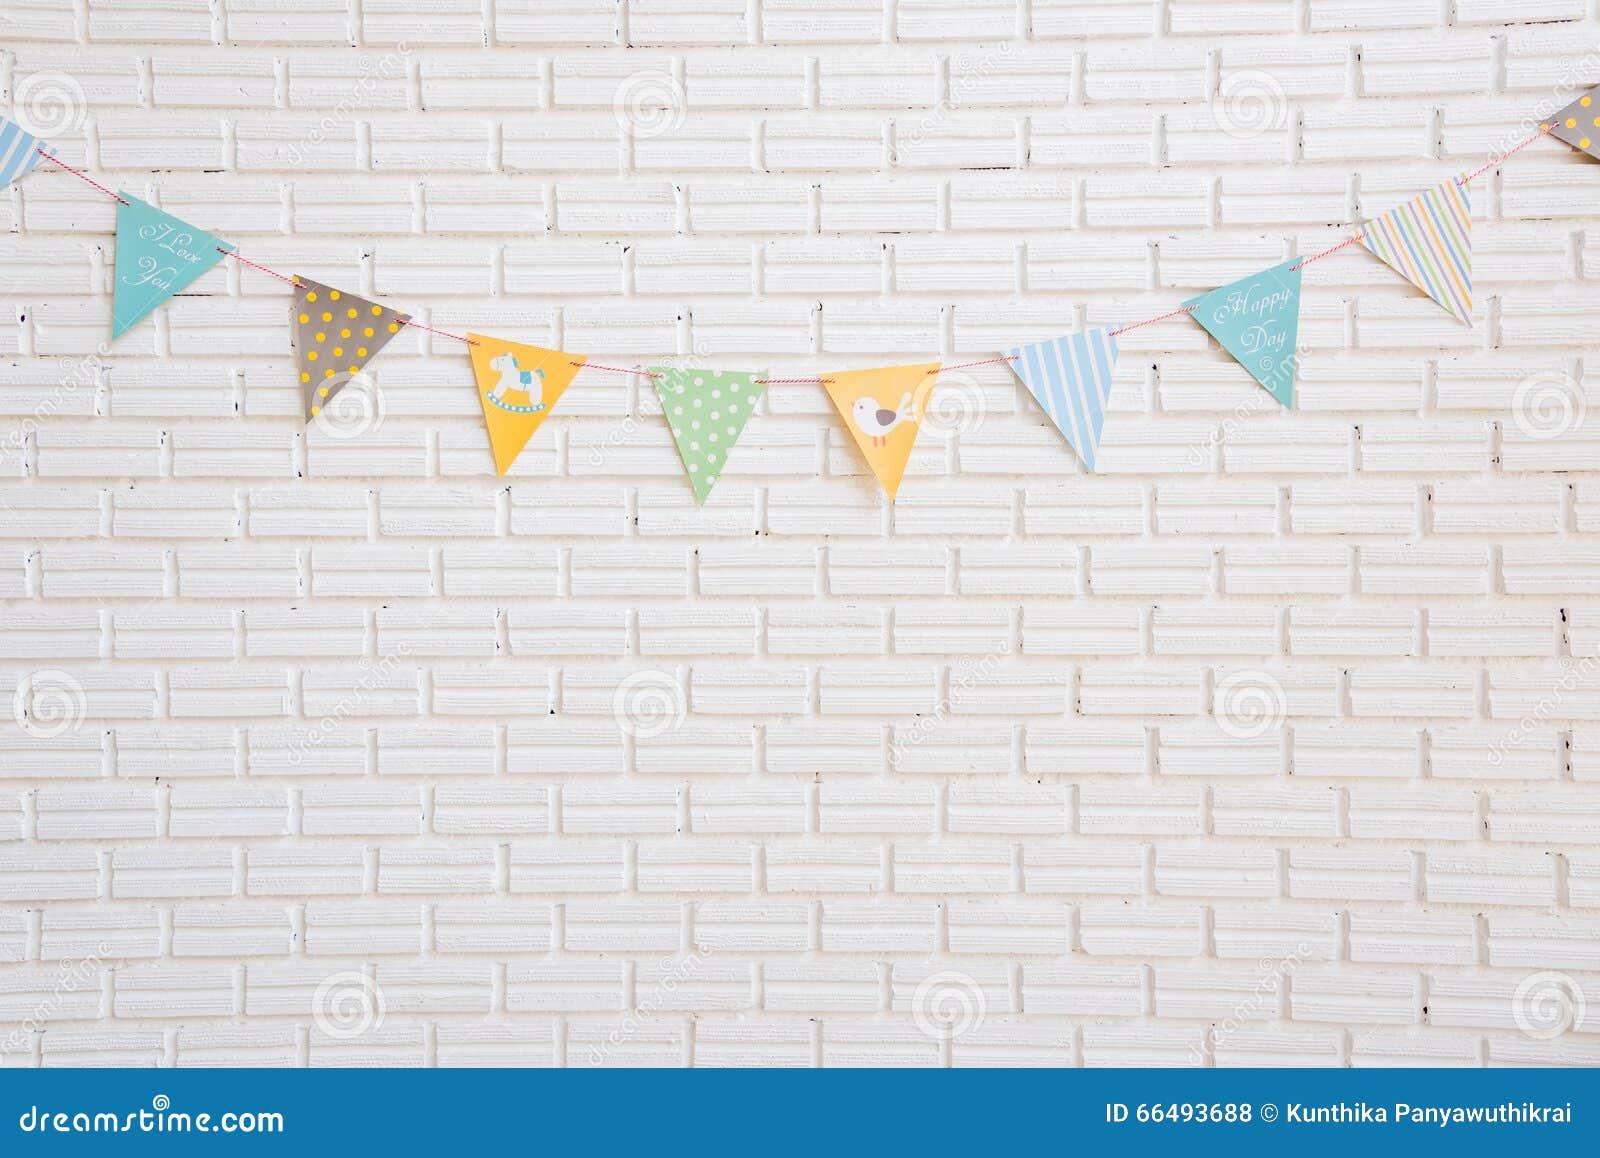 Η άσπρη σημαία τοίχων και κινούμενων σχεδίων, η κρεβατοκάμαρα